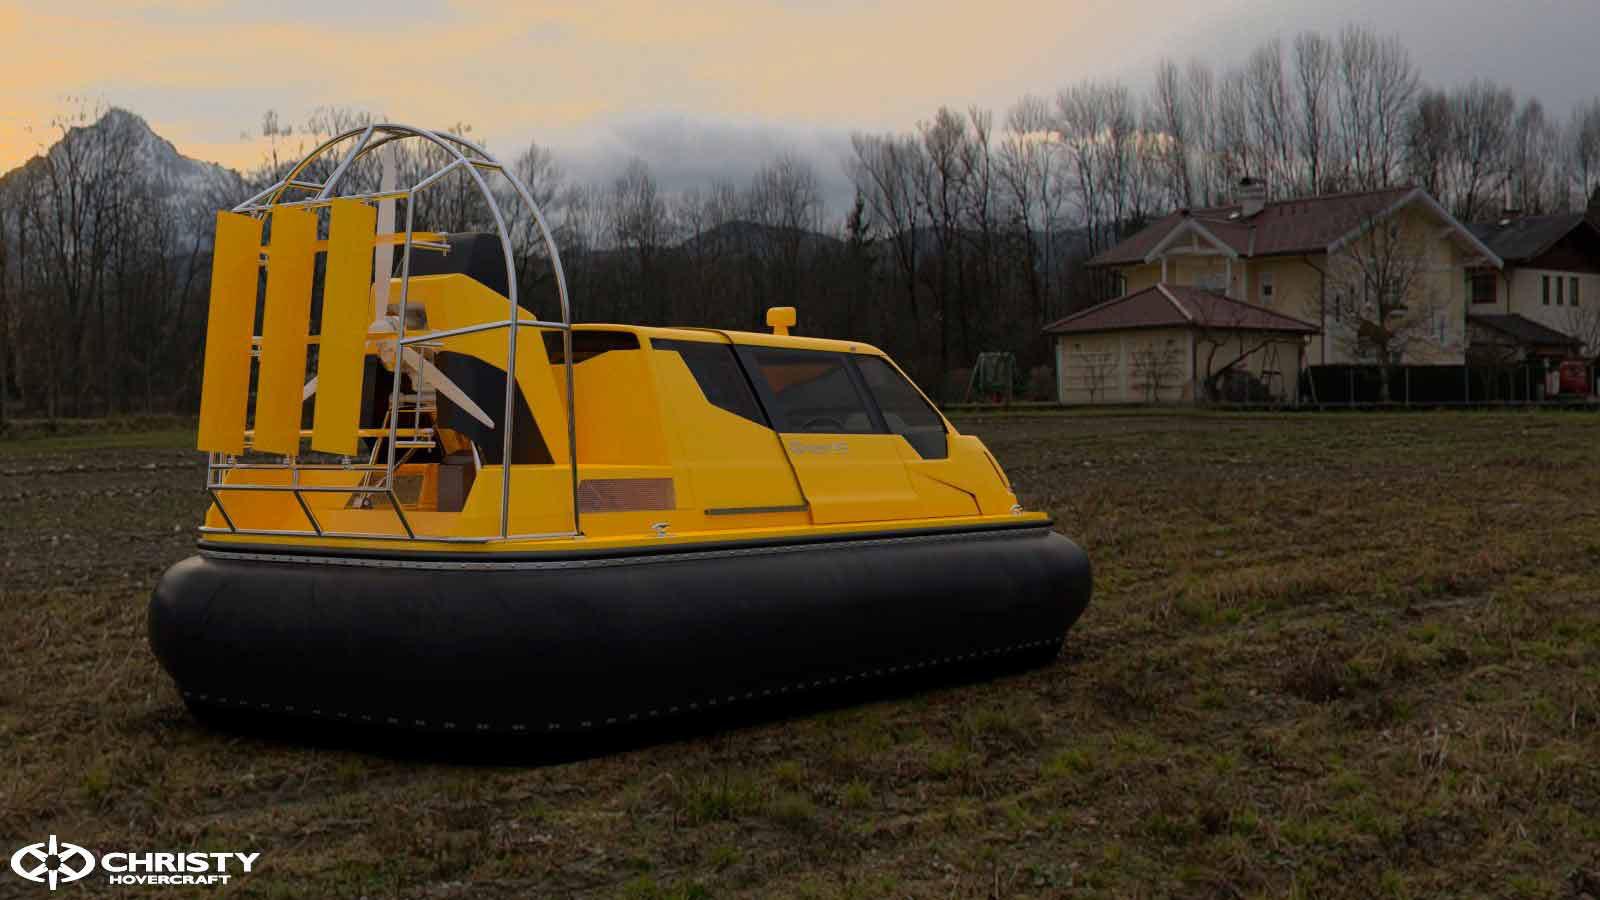 4-х местный катер на воздушной подушке Christy 453